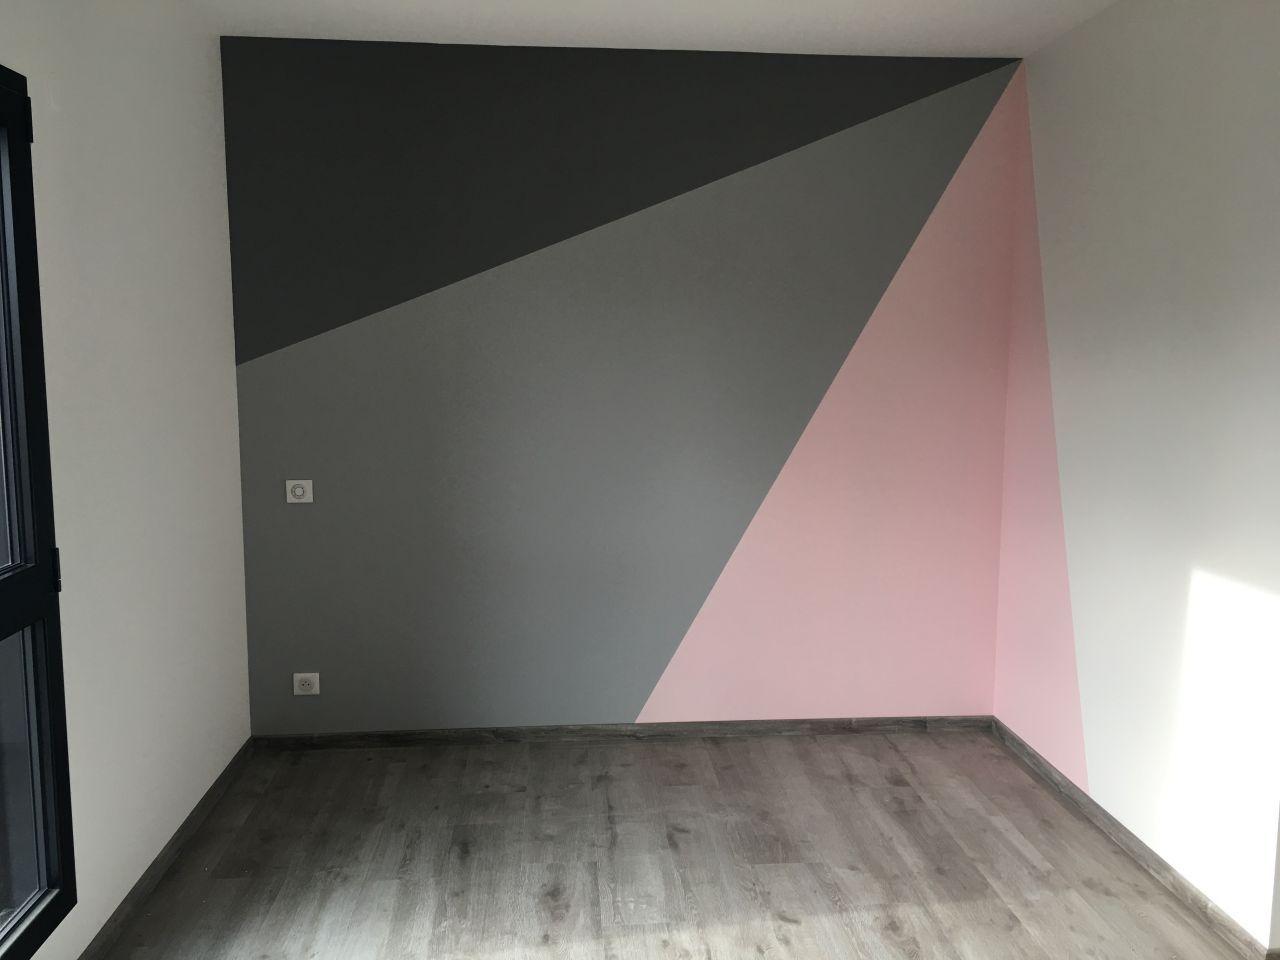 Chambre enfant 2 - Peinture ZOLPAN et Parquet ALSAPAN | Deco ...